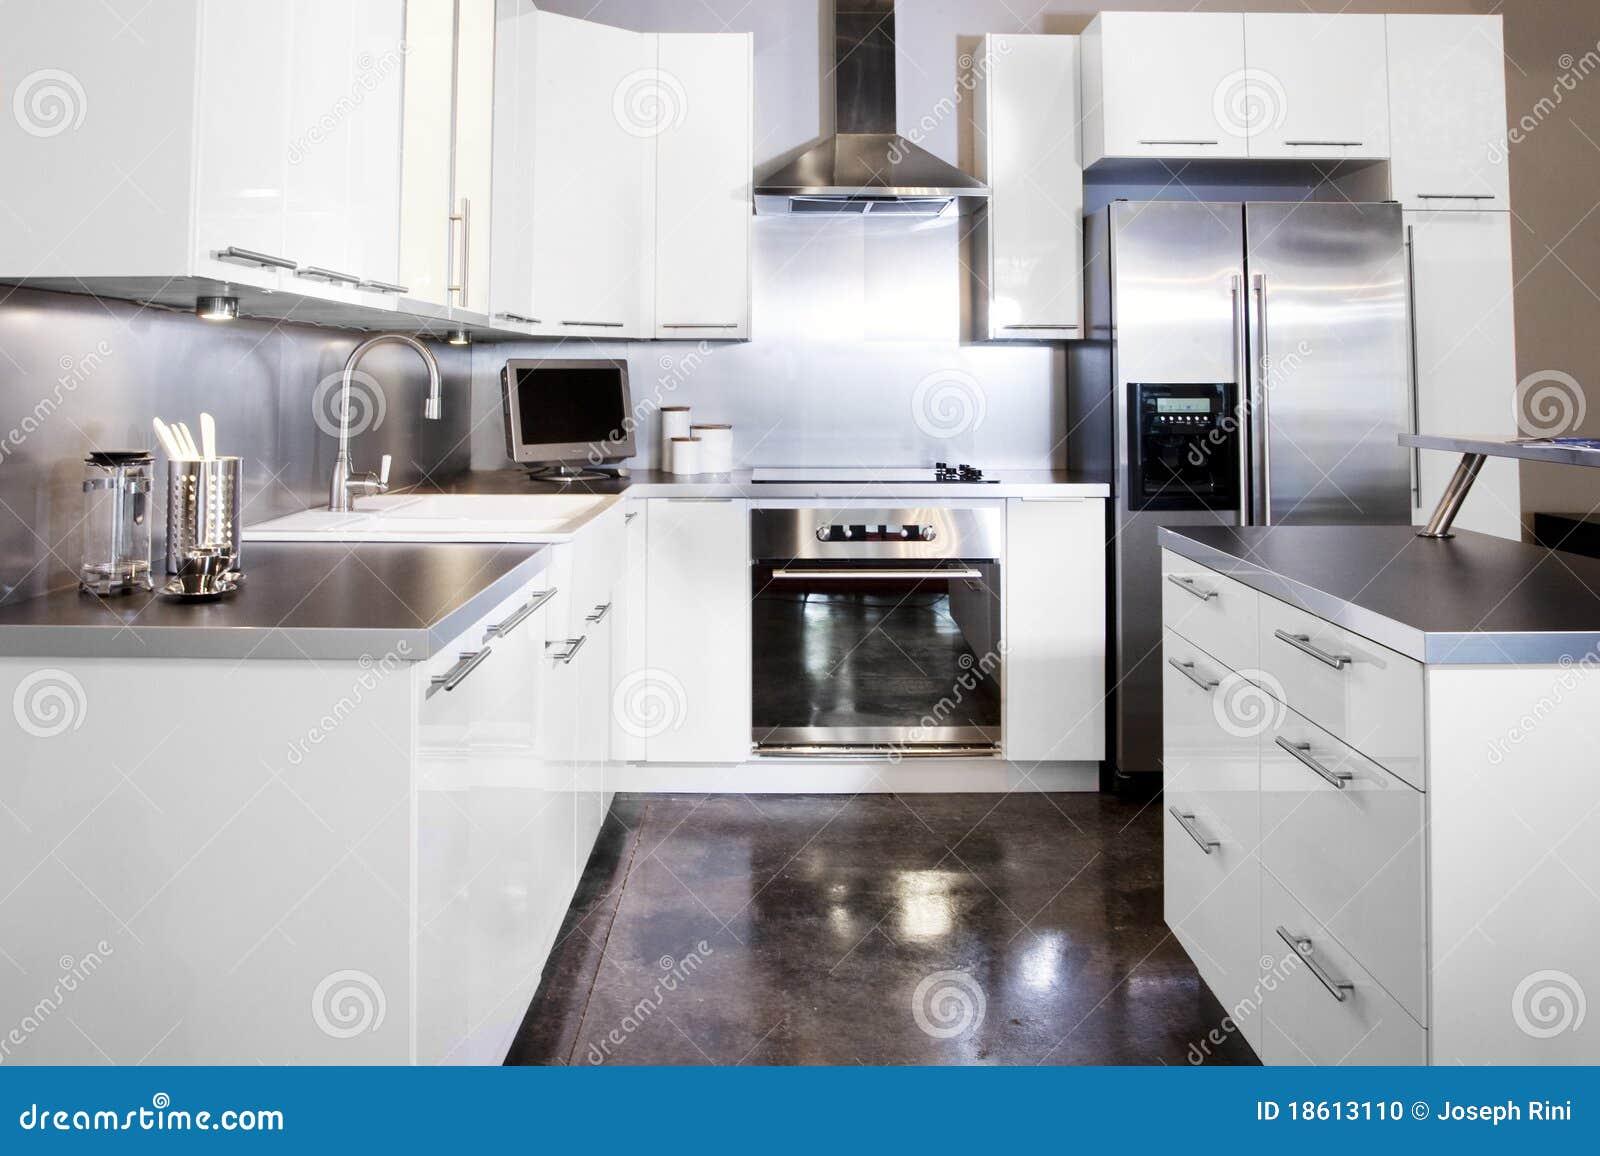 Witte keuken stock foto afbeelding bestaande uit teller 18613110 for Foto witte keuken